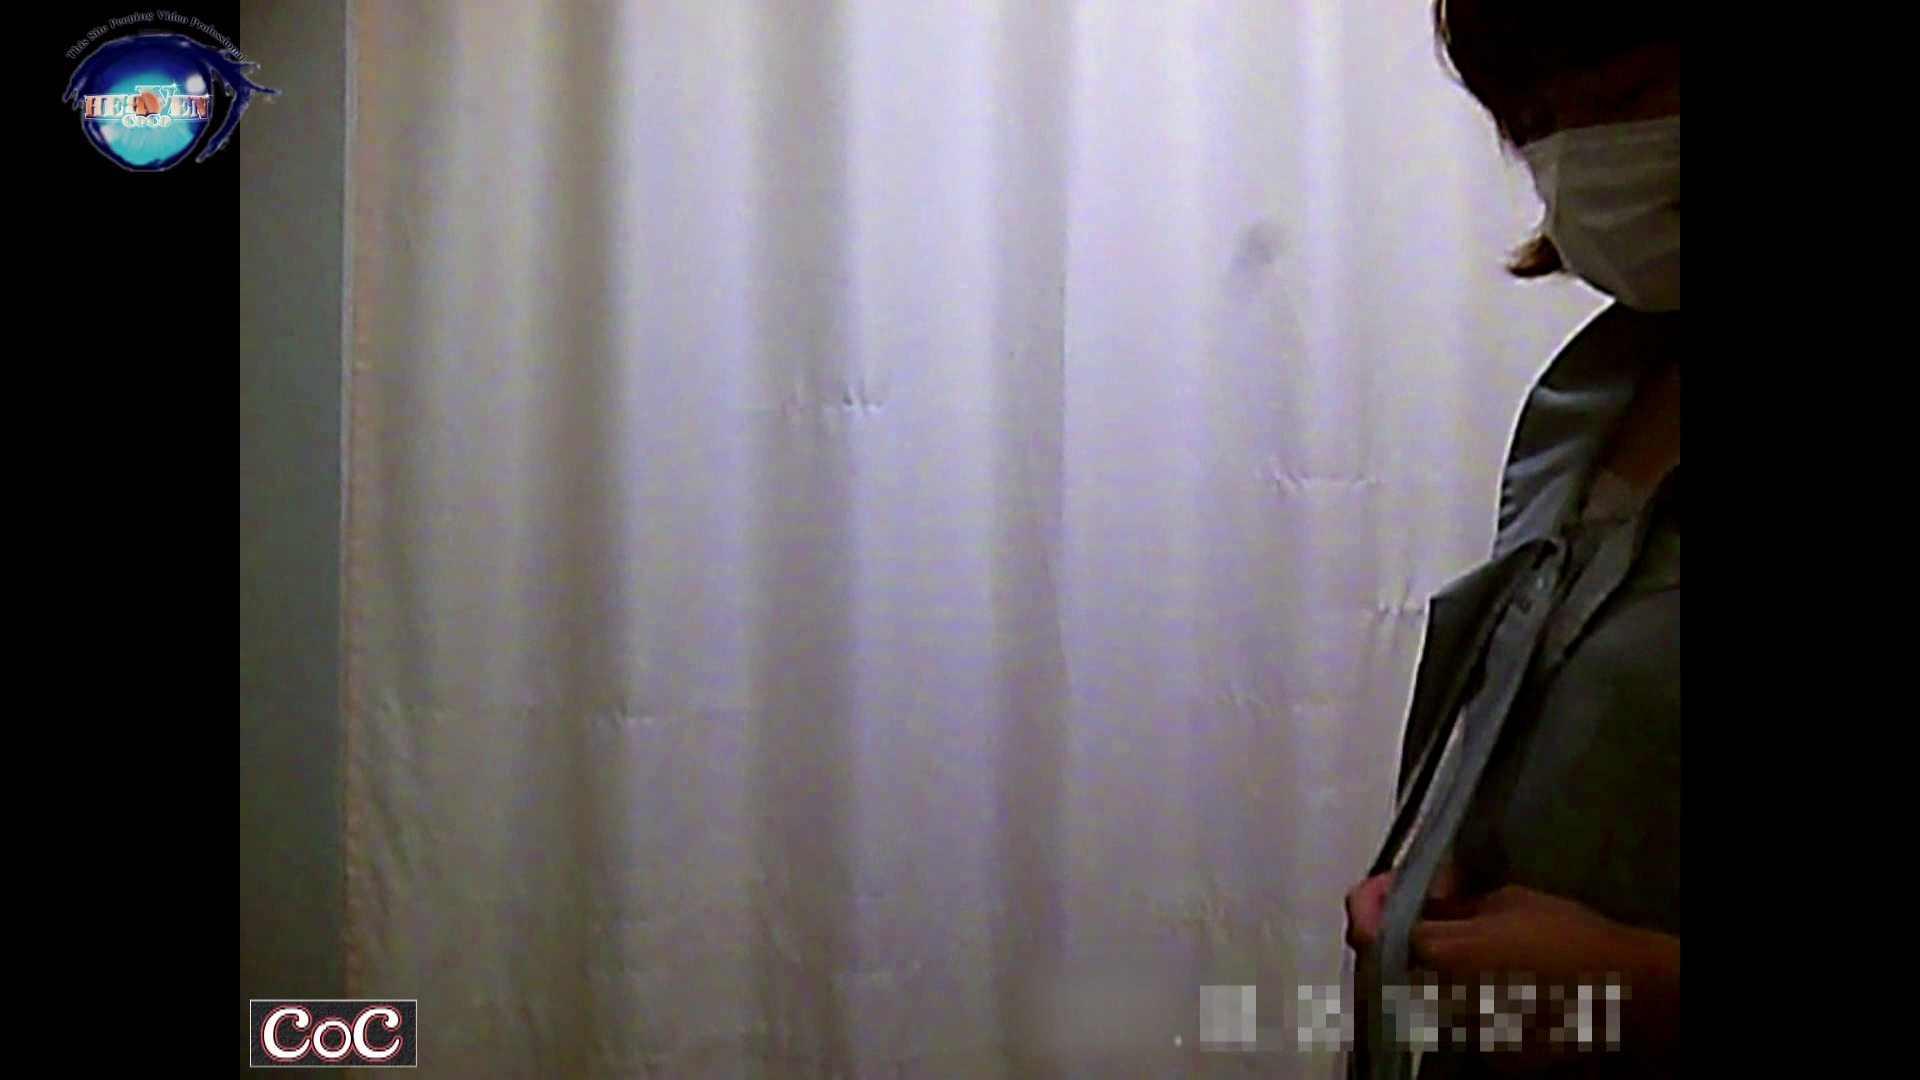 激ヤバ健康診断!着替えの一部始終.vol.11 ※本編ボカシ・目線無し OLエロ画像 盗撮われめAV動画紹介 90PICs 62